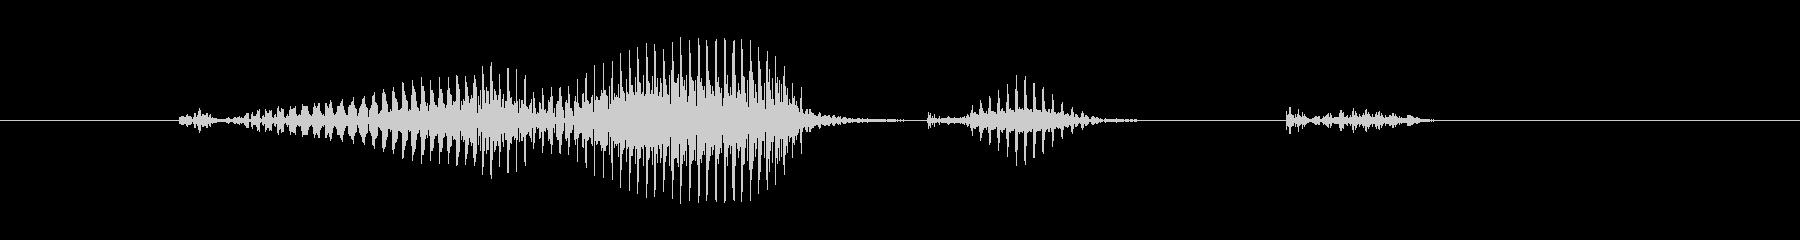 コーナーキックの未再生の波形